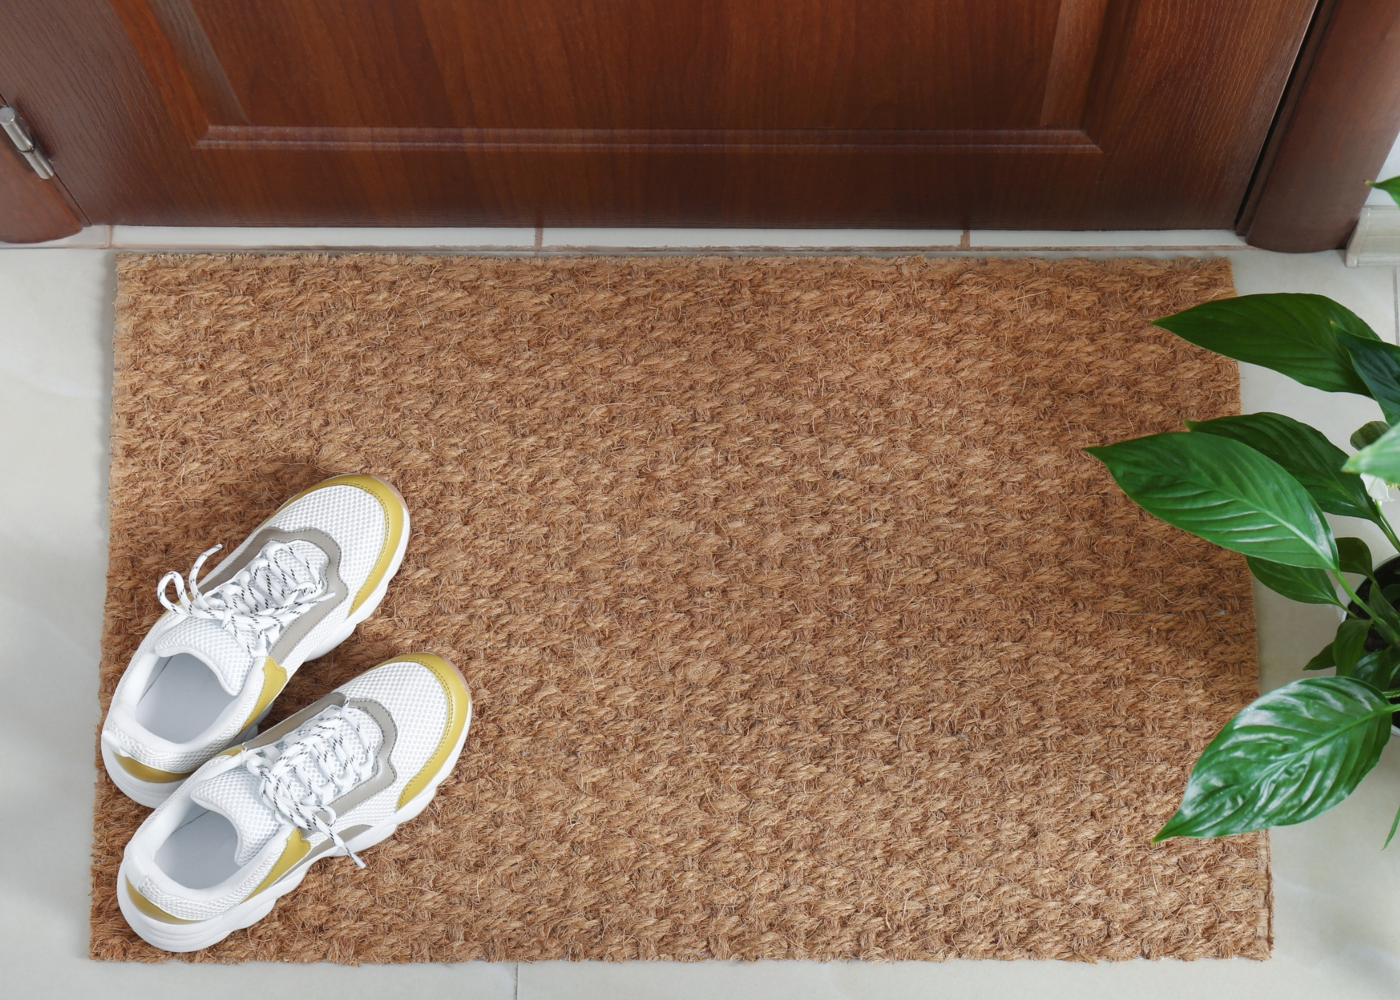 Sapatilhas à entrada de casa